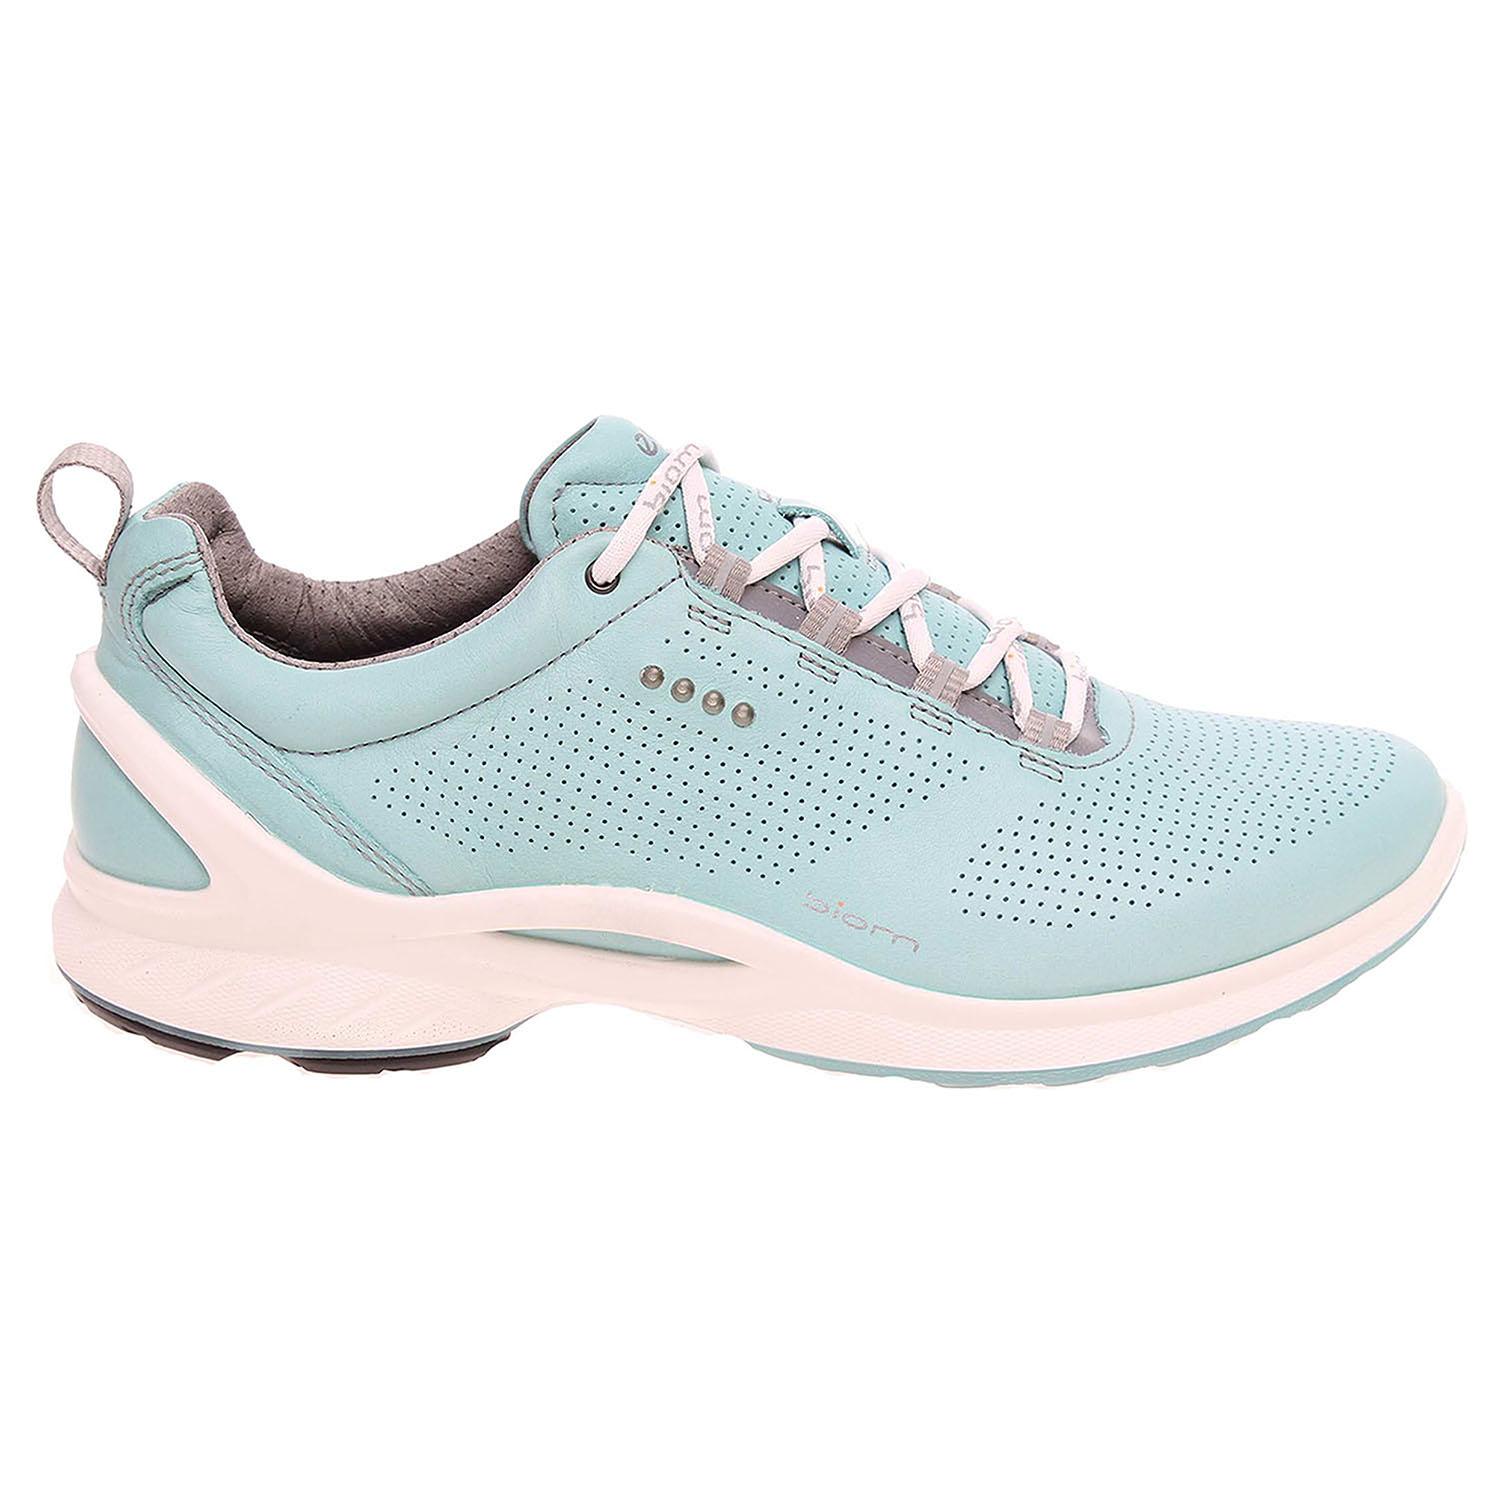 Ecco Biom Fjuel dámská obuv 83751301241 modrá 41